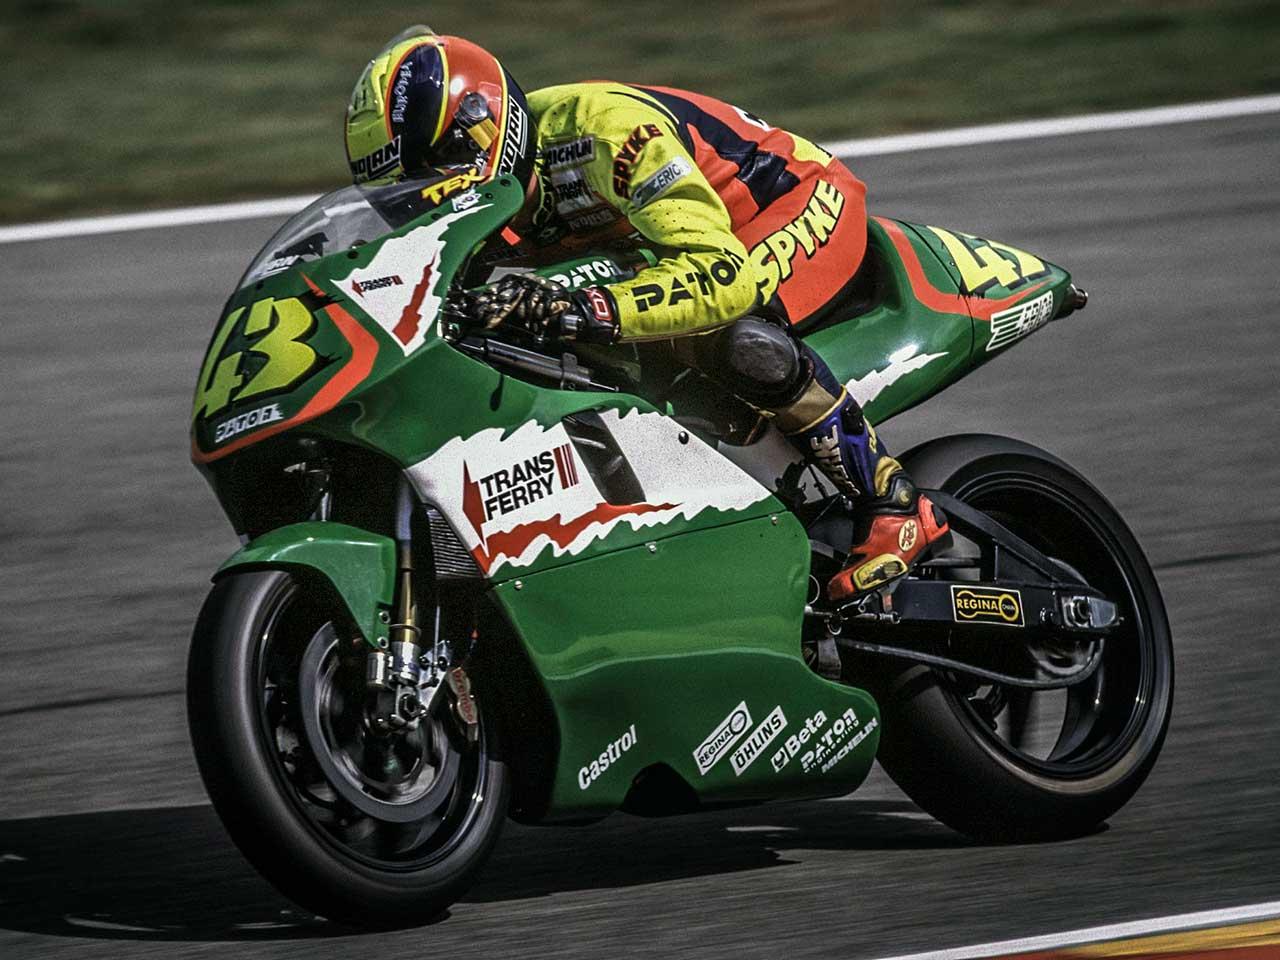 Paton_Storia-Anni90_Paolo-Tessari_Mugello_Campionato-Mondiale-500cc_1999